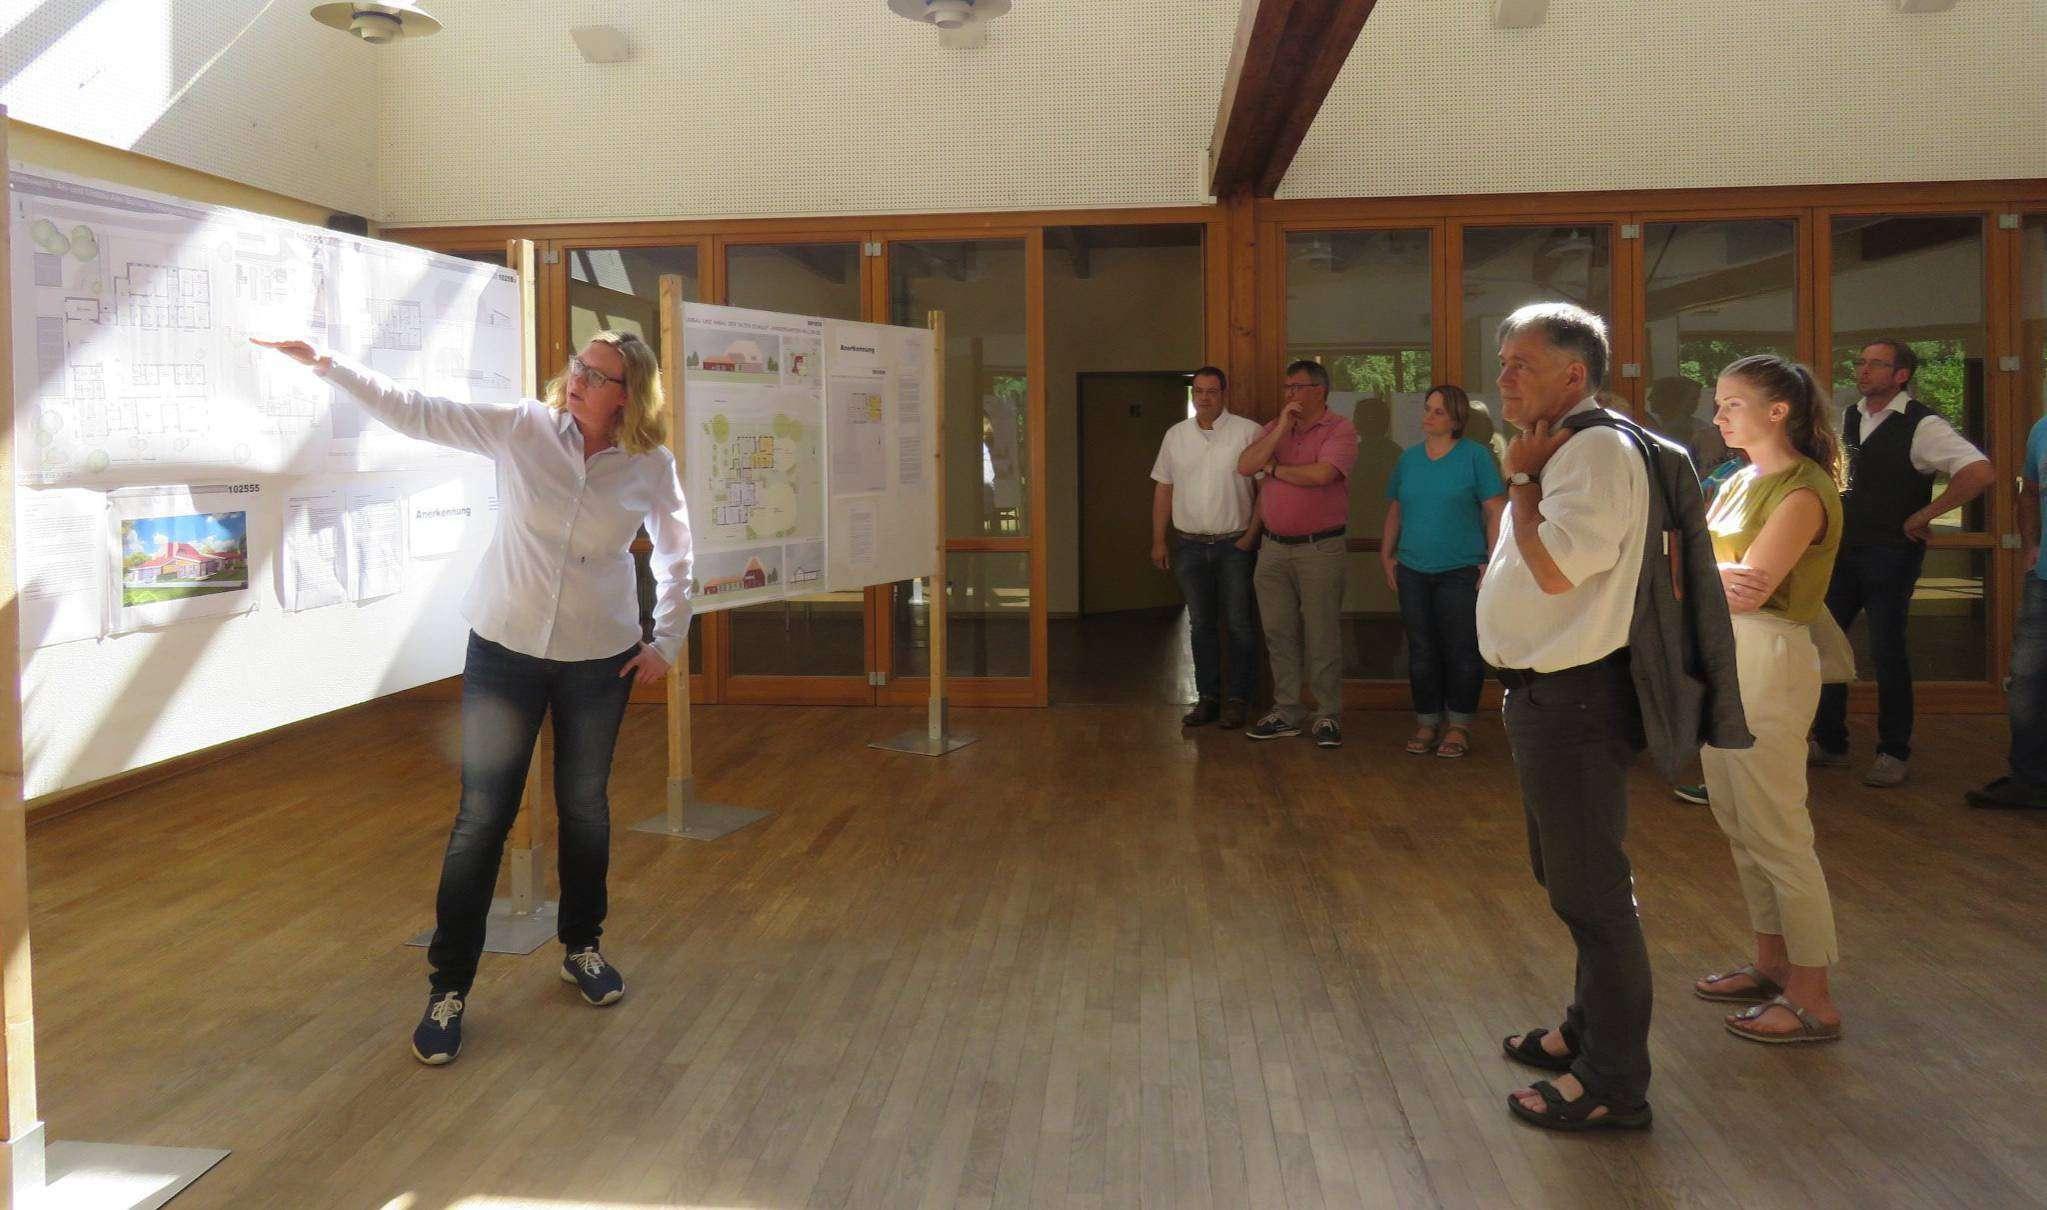 Maren Reer, Architektin aus Hassendorf, leitete die Arbeitsgruppe Kindergarten und erläuterte den Besuchern im Heimat- und Kulturhaus die Entwürfe der Planer.